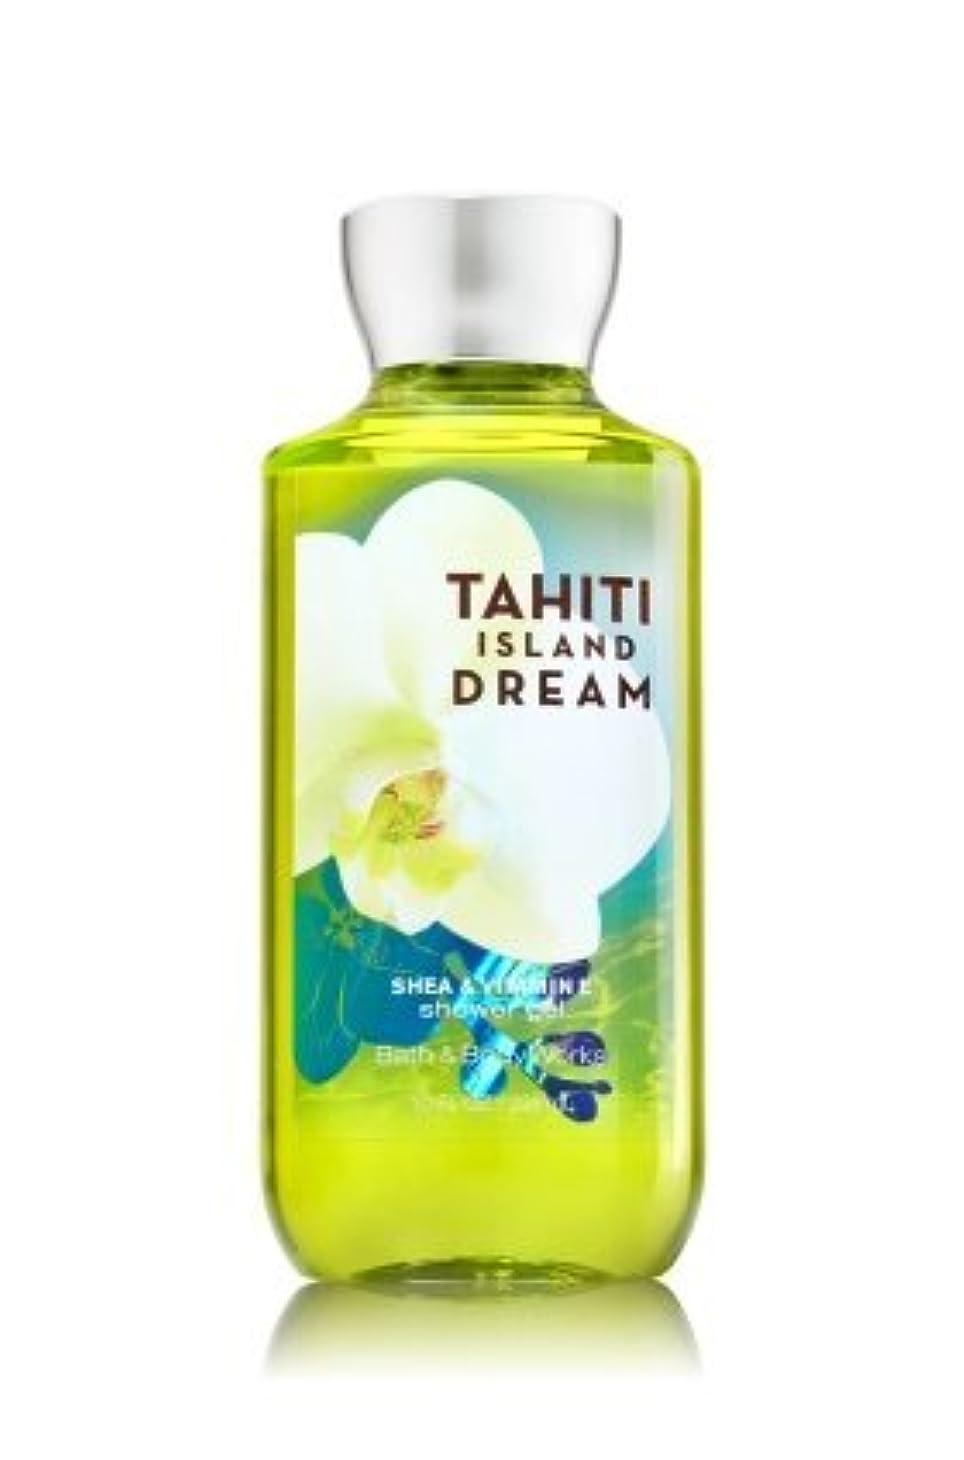 効果的にトランザクション階段【Bath&Body Works/バス&ボディワークス】 シャワージェル タヒチアイランドドリーム Shower Gel Tahiti Island Dream 10 fl oz / 295 mL [並行輸入品]